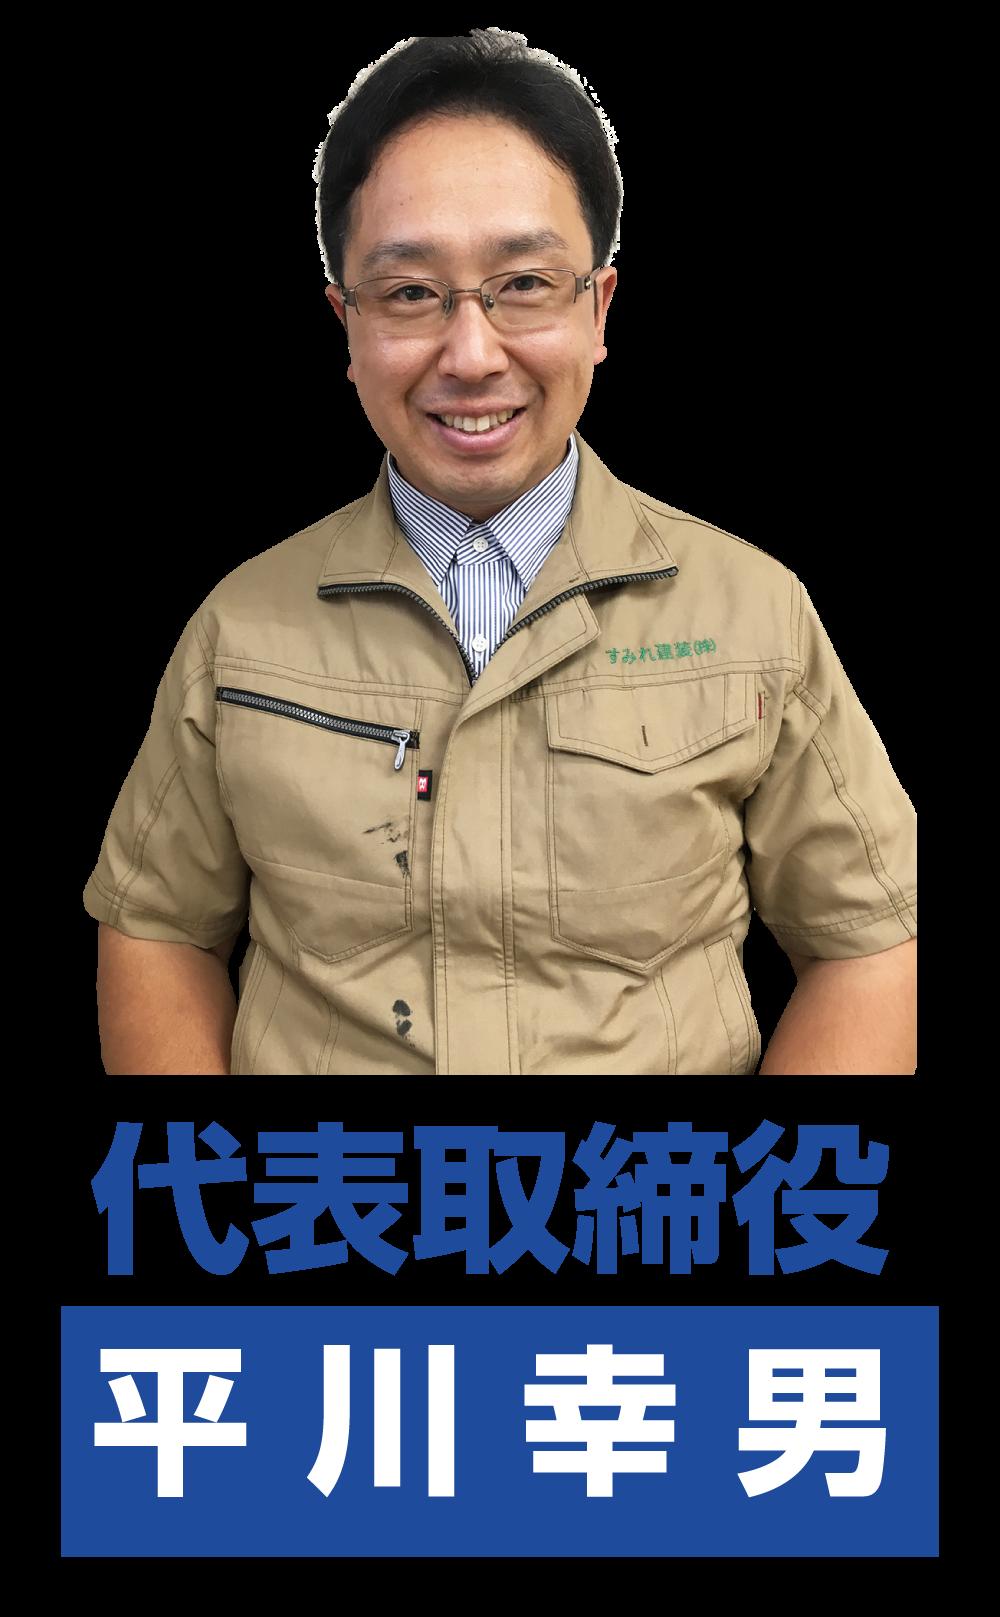 代表取締役 平川幸男